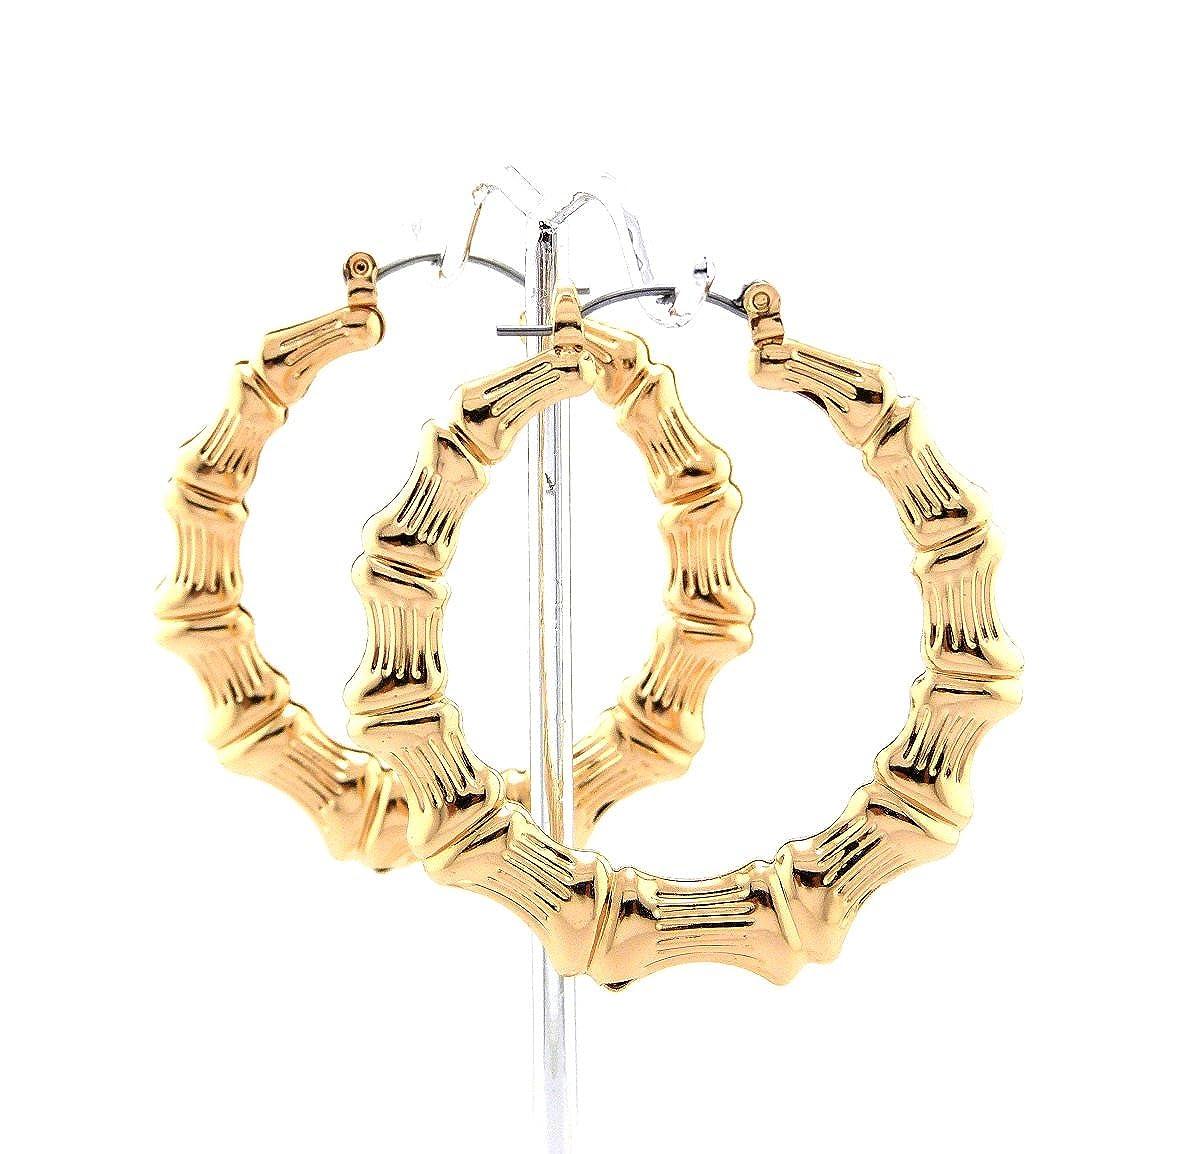 Classic Bamboo 1.90 Hoop Door Knocker Earrings in Gold-Tone NYFASHION101 XE1121-5